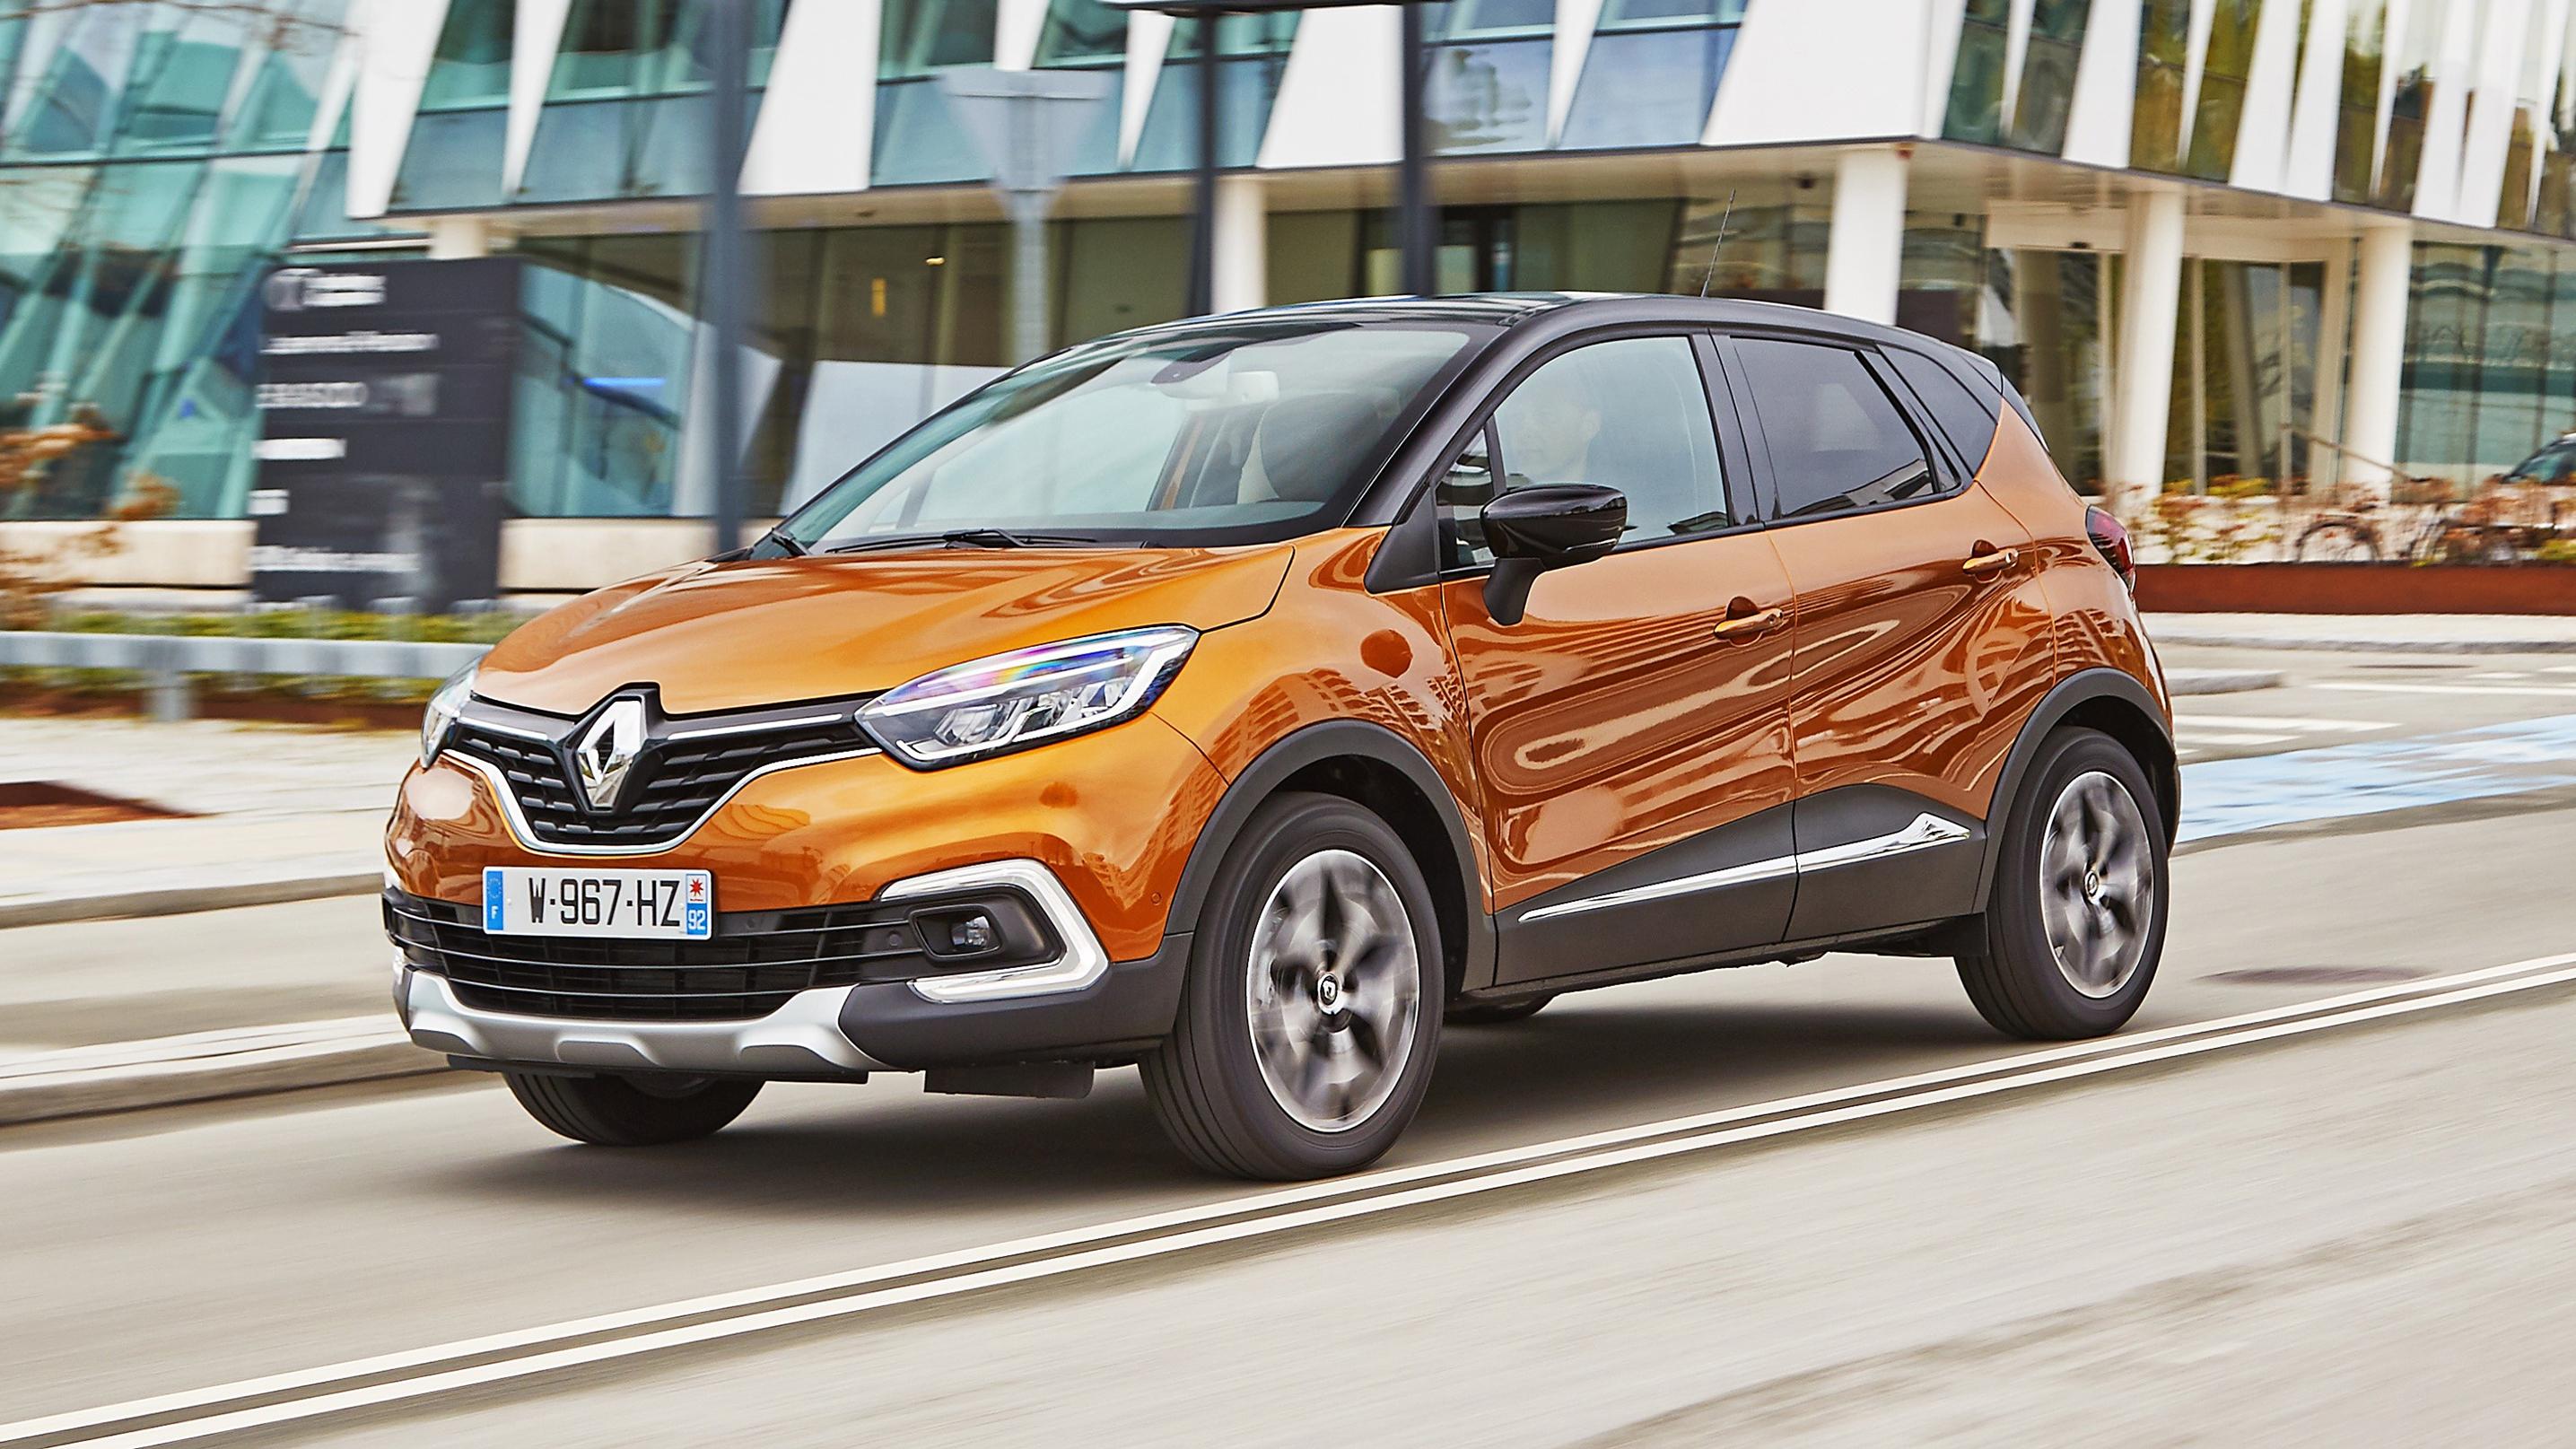 Renault готовит новый кроссовер 1